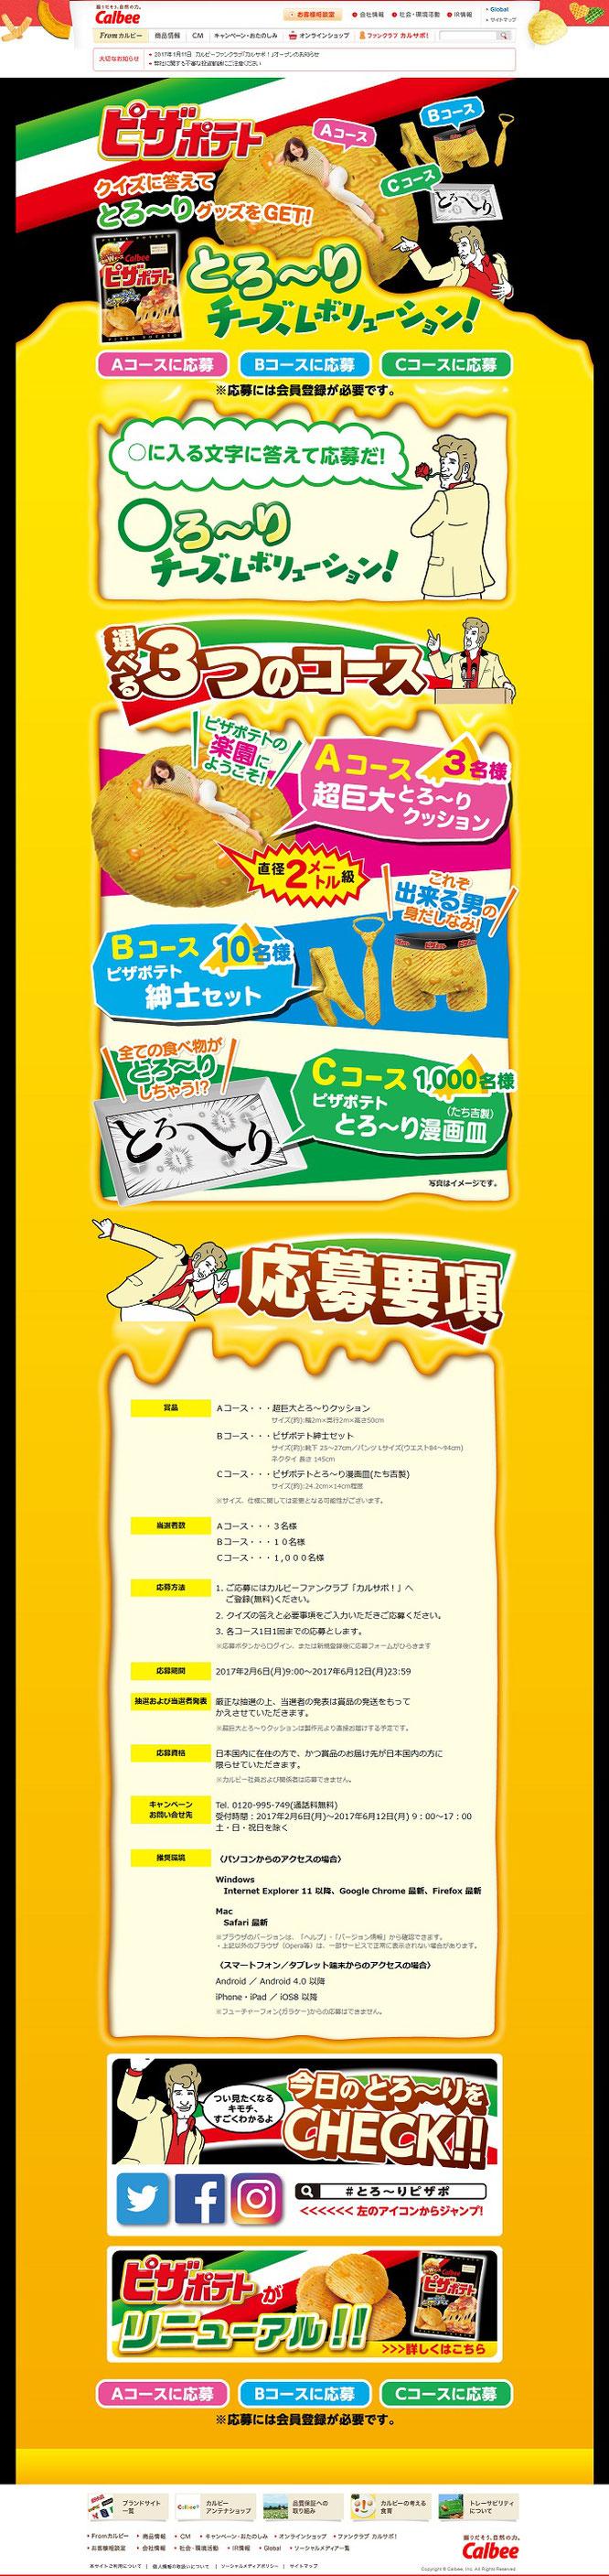 【カルビー】とろ~りチーズレボリューションキャンペーン